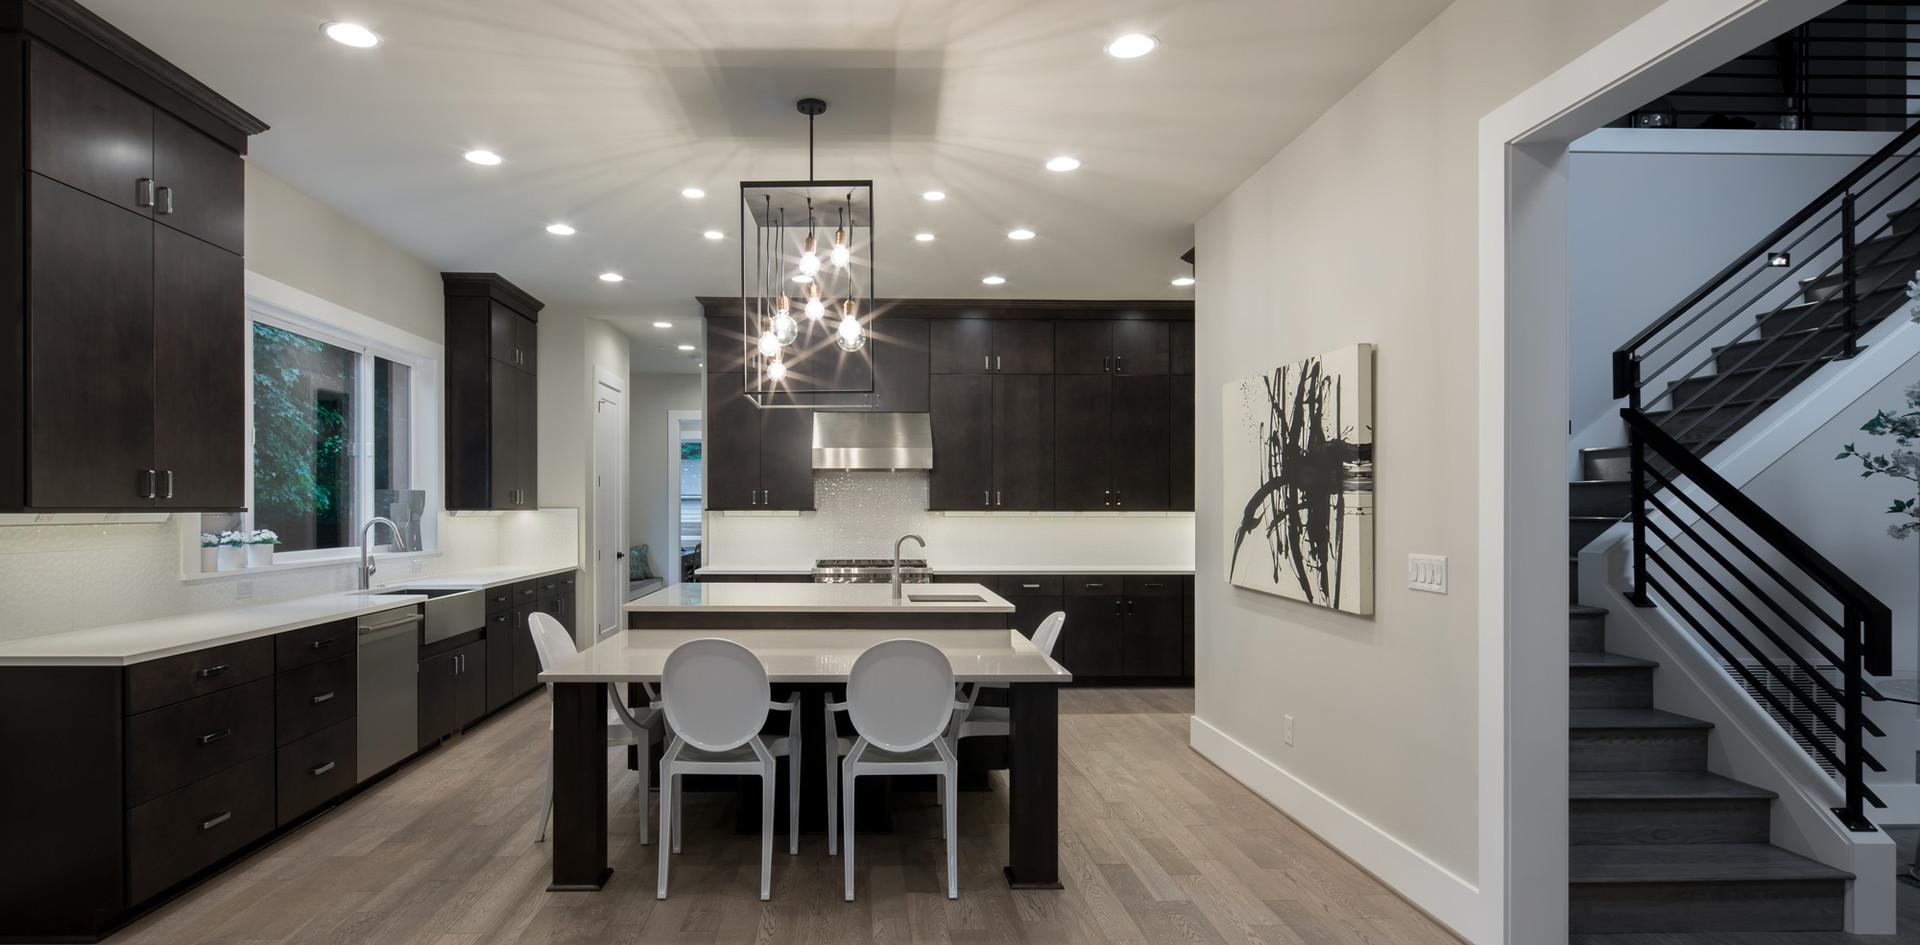 8-Bellevue-Kitchen.jpg